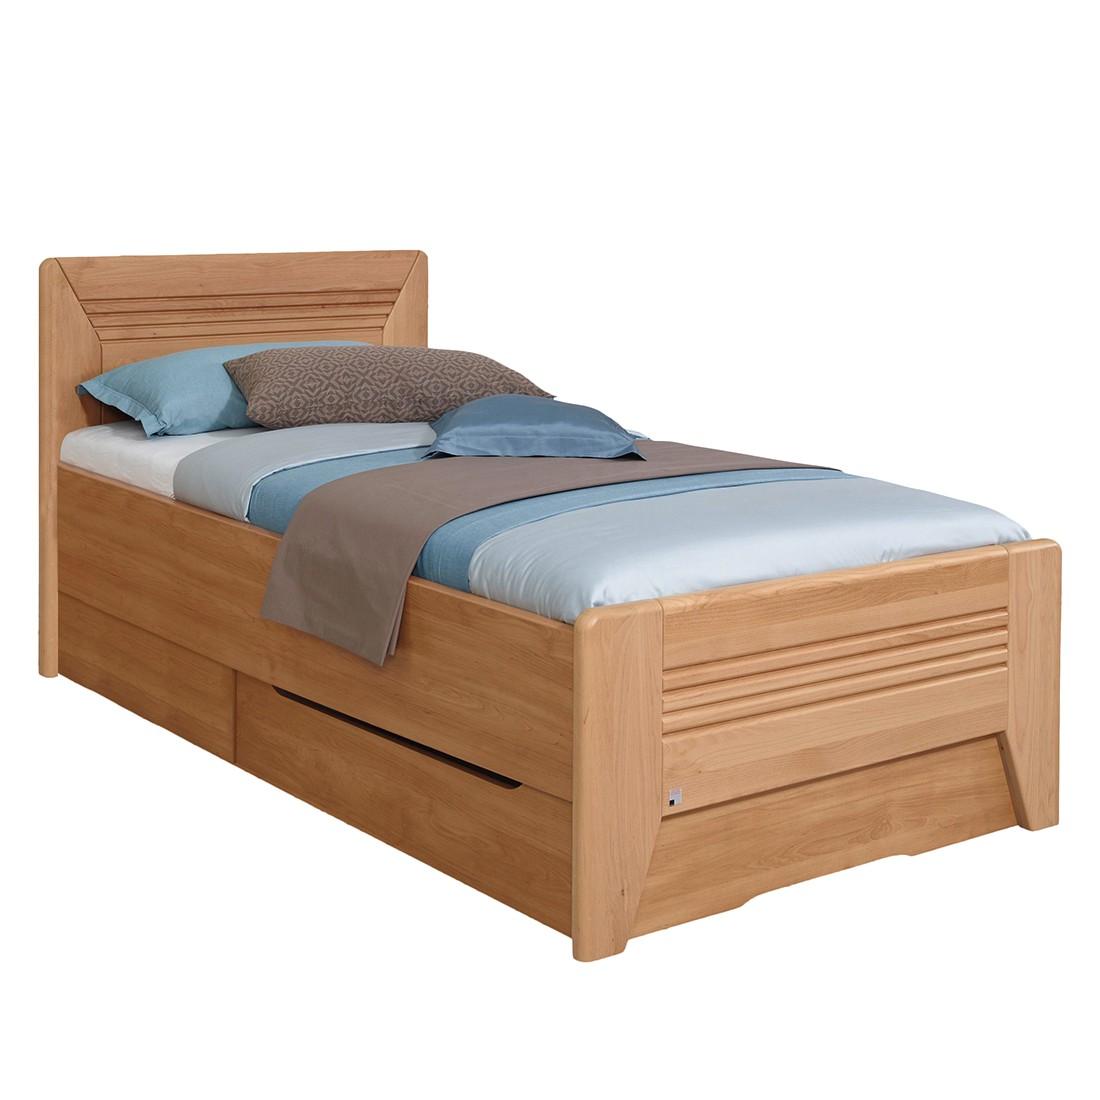 home24 Teilmassives Komfortbett Valerie III | Schlafzimmer > Betten > Komfortbetten | Braun | Holz - Teilmassiv | Rauch Steffen